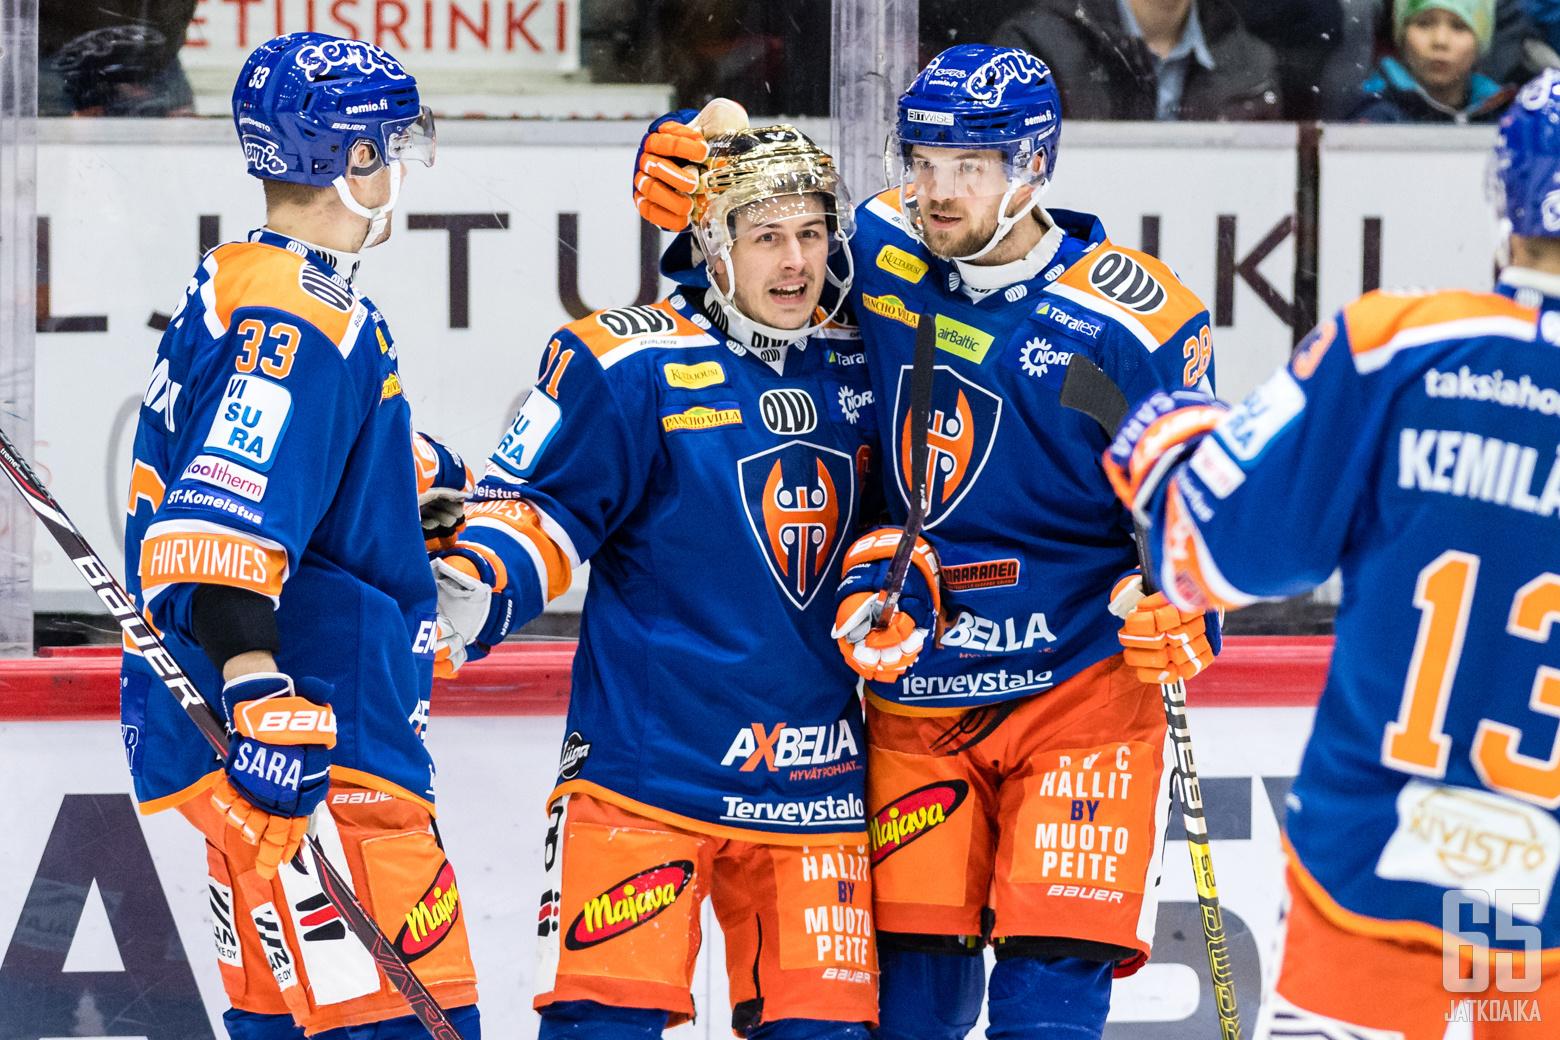 Tapparan Veli-Matti Vittasmäki (33), Kristian Kuusela (71), Jarkko Malinen (28) ja Valtteri Kemiläinen (13) Liigan runkosarjaottelussa HIFK - Tappara, Helsingin jäähallissa, 18. tammikuuta 2020.